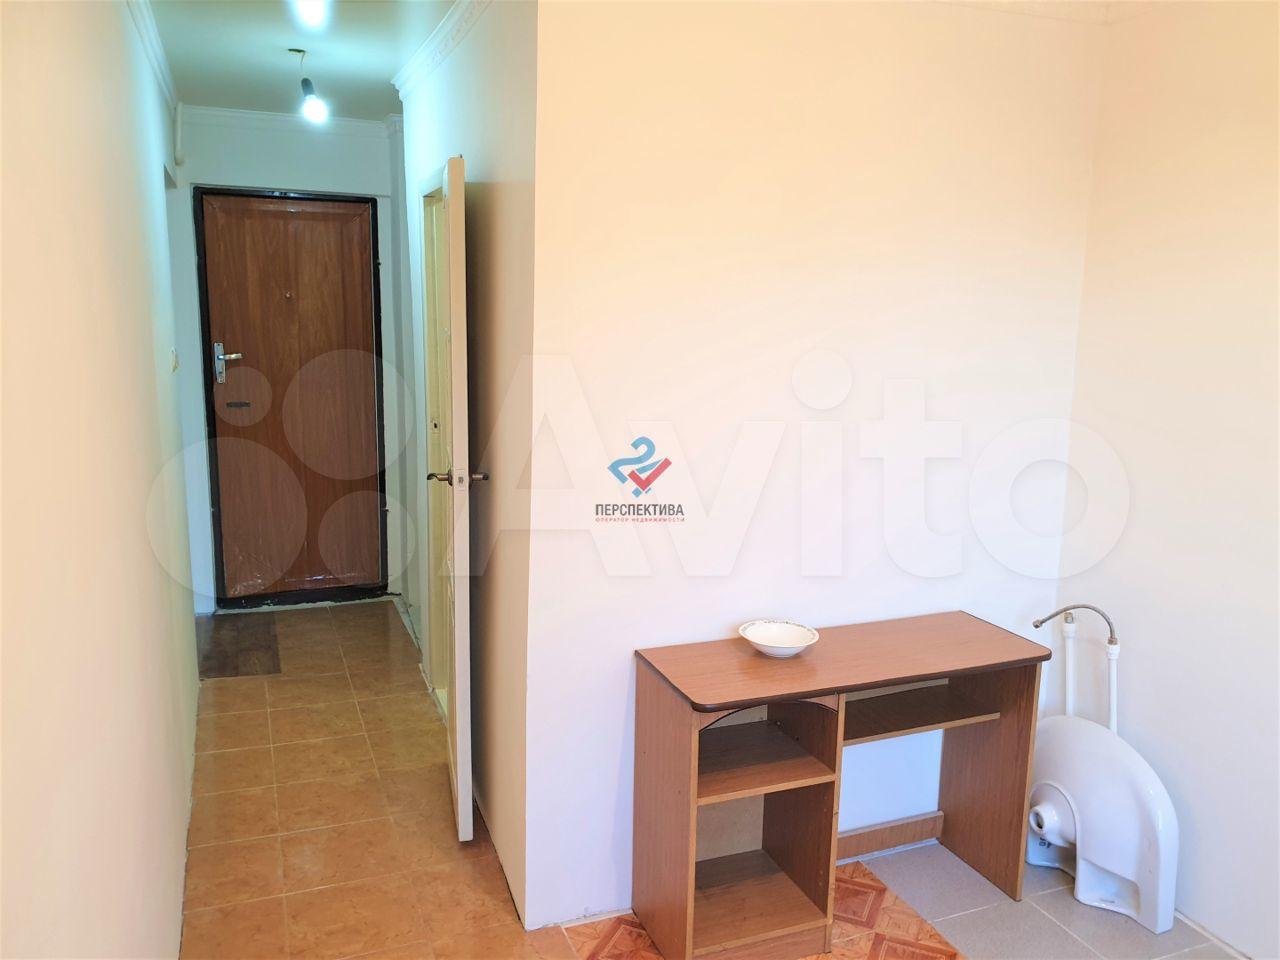 1-к квартира, 30.5 м², 5/5 эт.  89899231010 купить 6